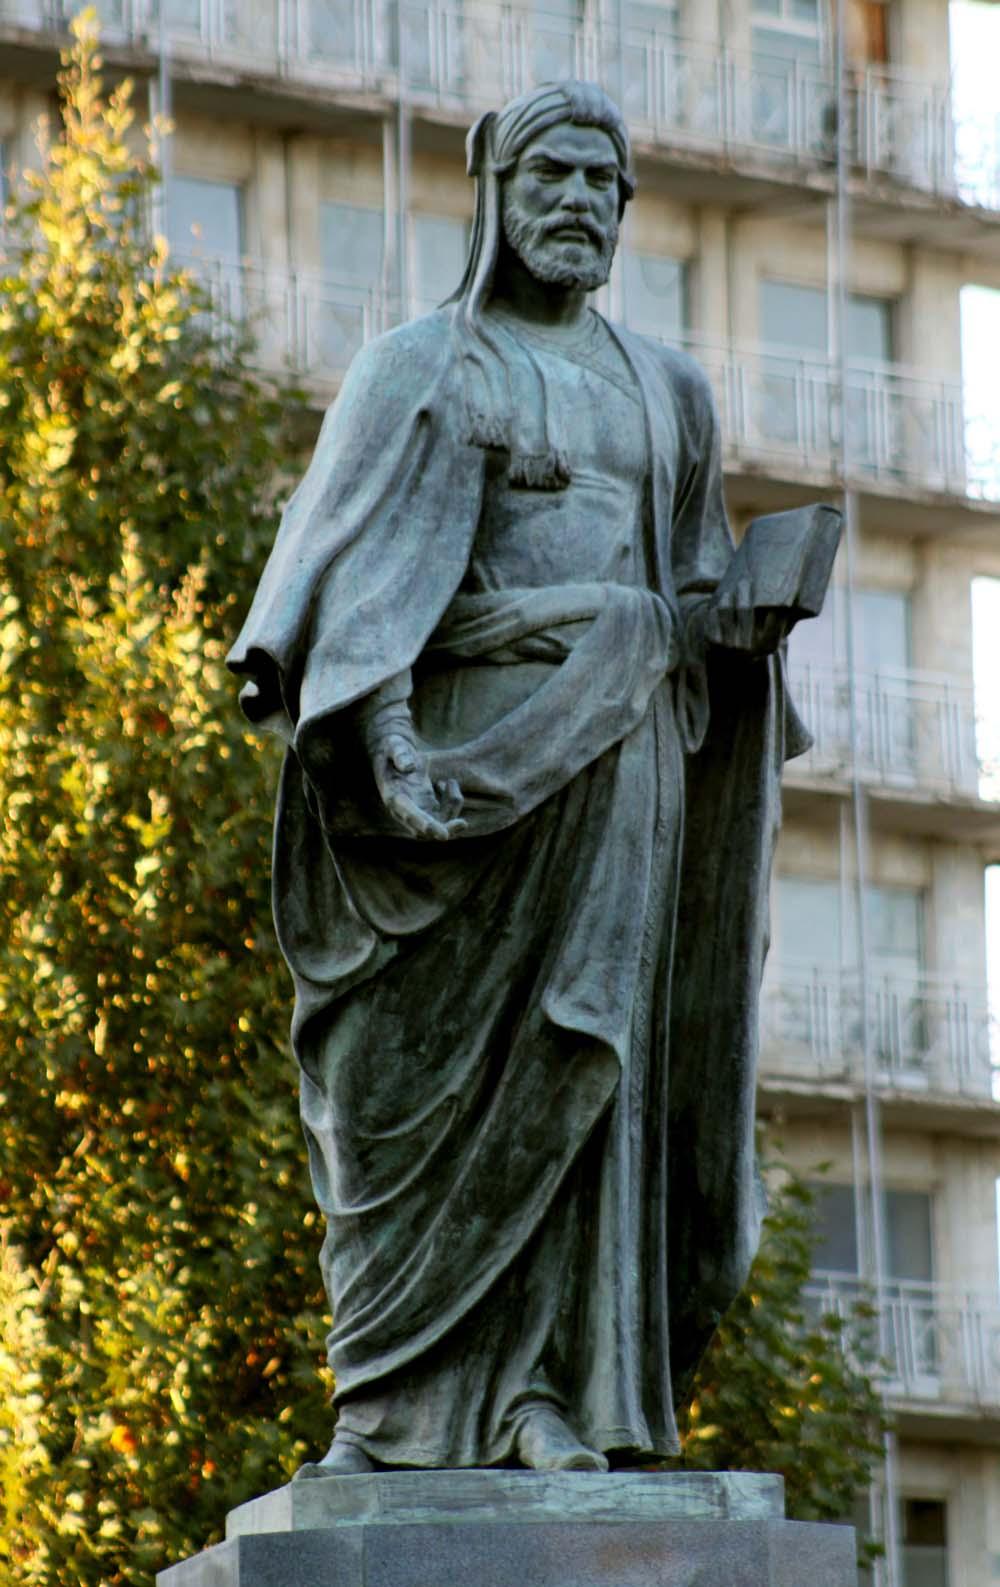 Nizami Gəncəvinin Gəncə şəhərində 1946-cı ildə (heykəltəraş:Fuad Əbdürrəhmanov) ucaldılmış heykəli.